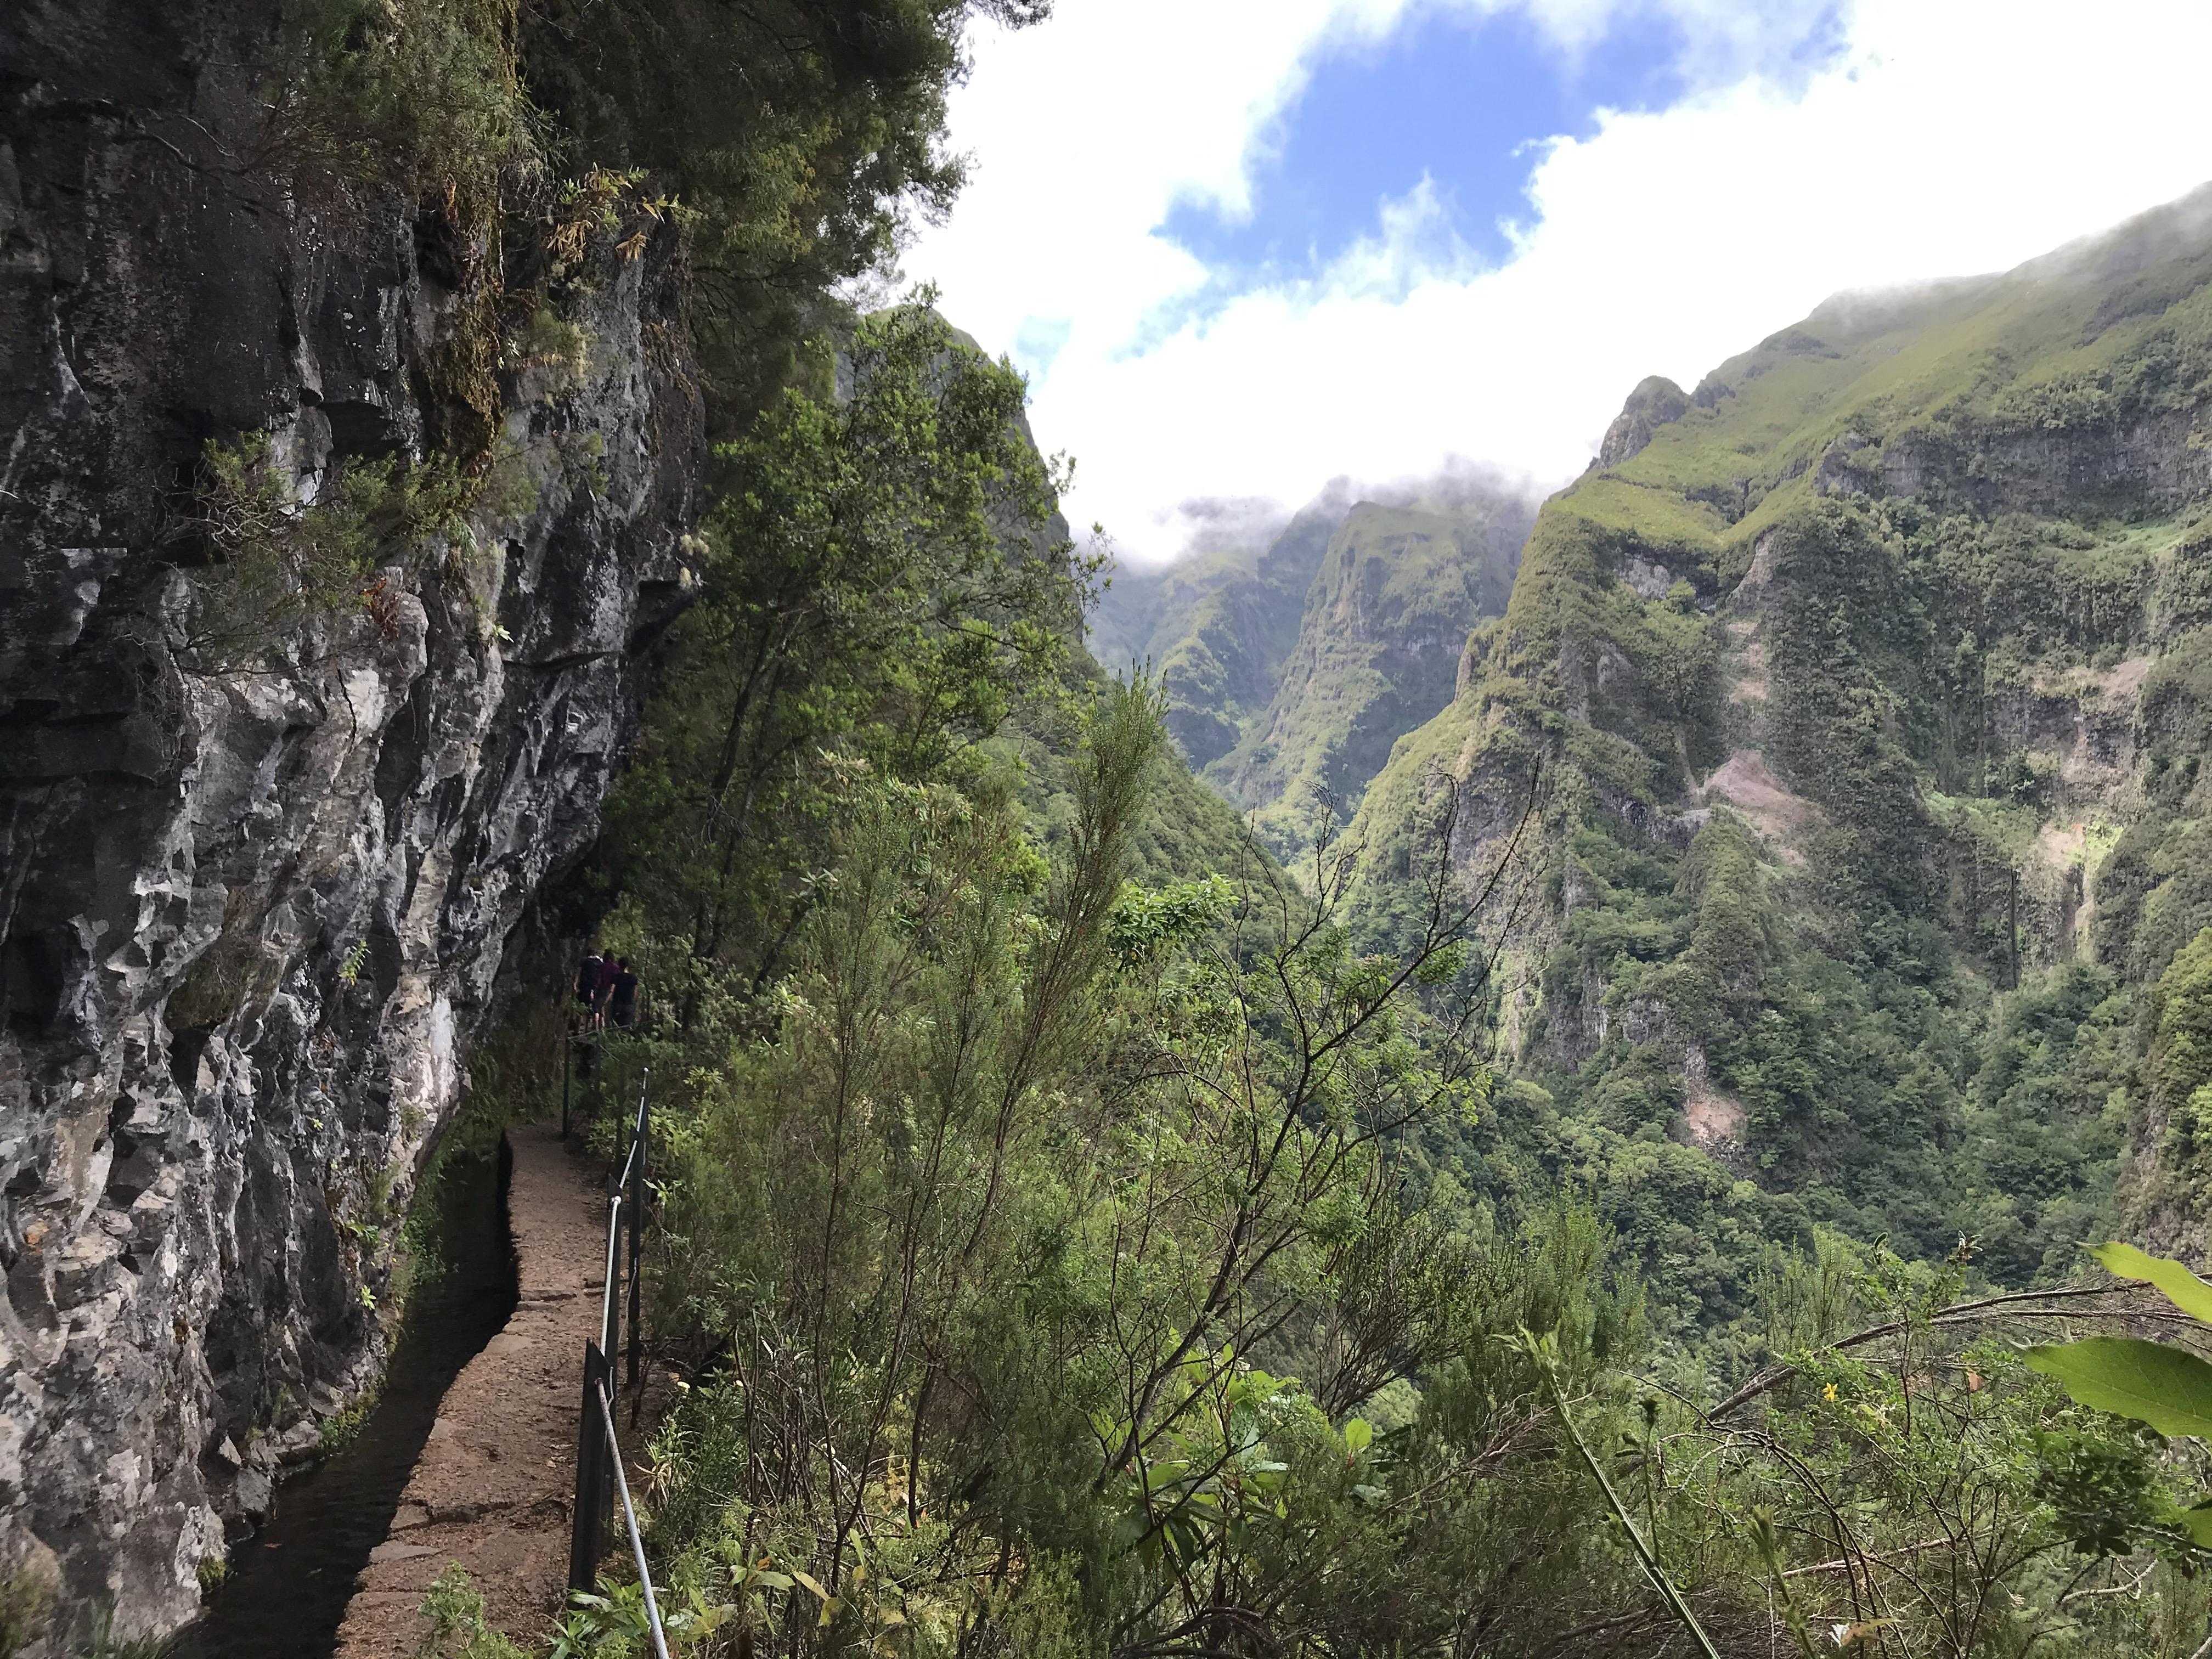 Sur le chemin du Calderao do Inferno